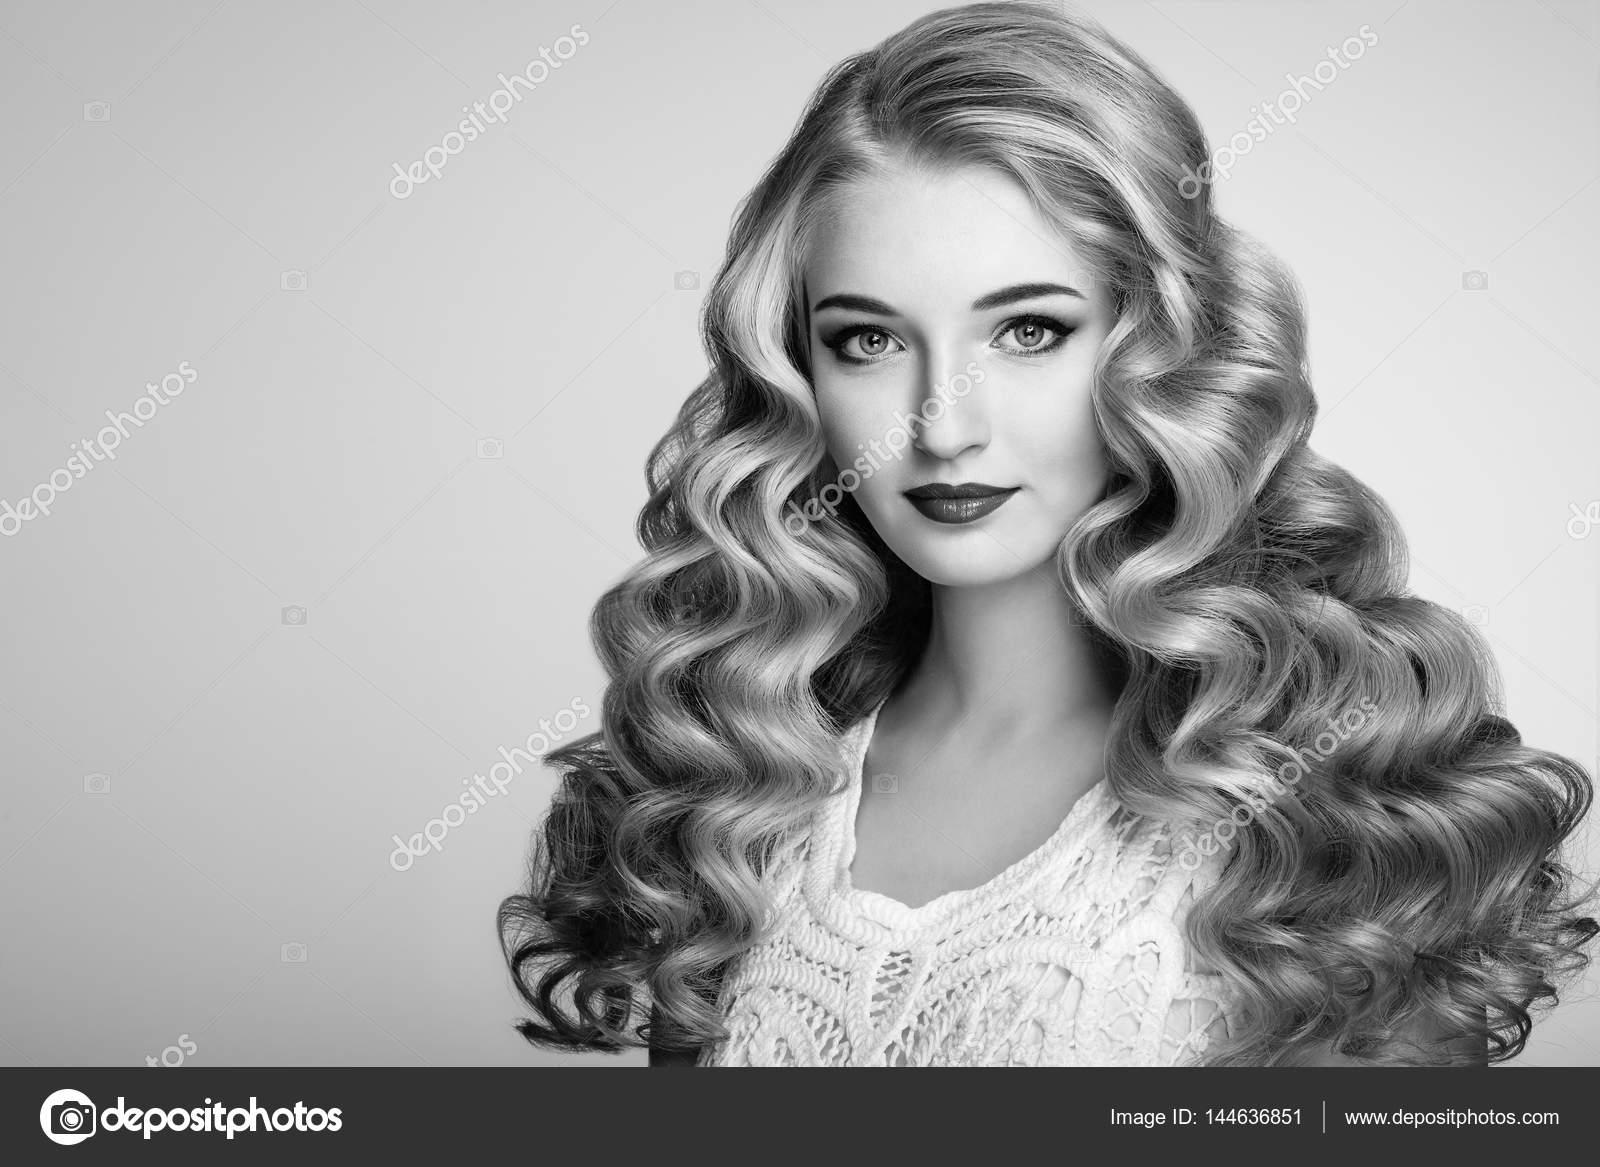 Noir Et Blanc Photo De Belle Femme Avec Une Coiffure Elegante